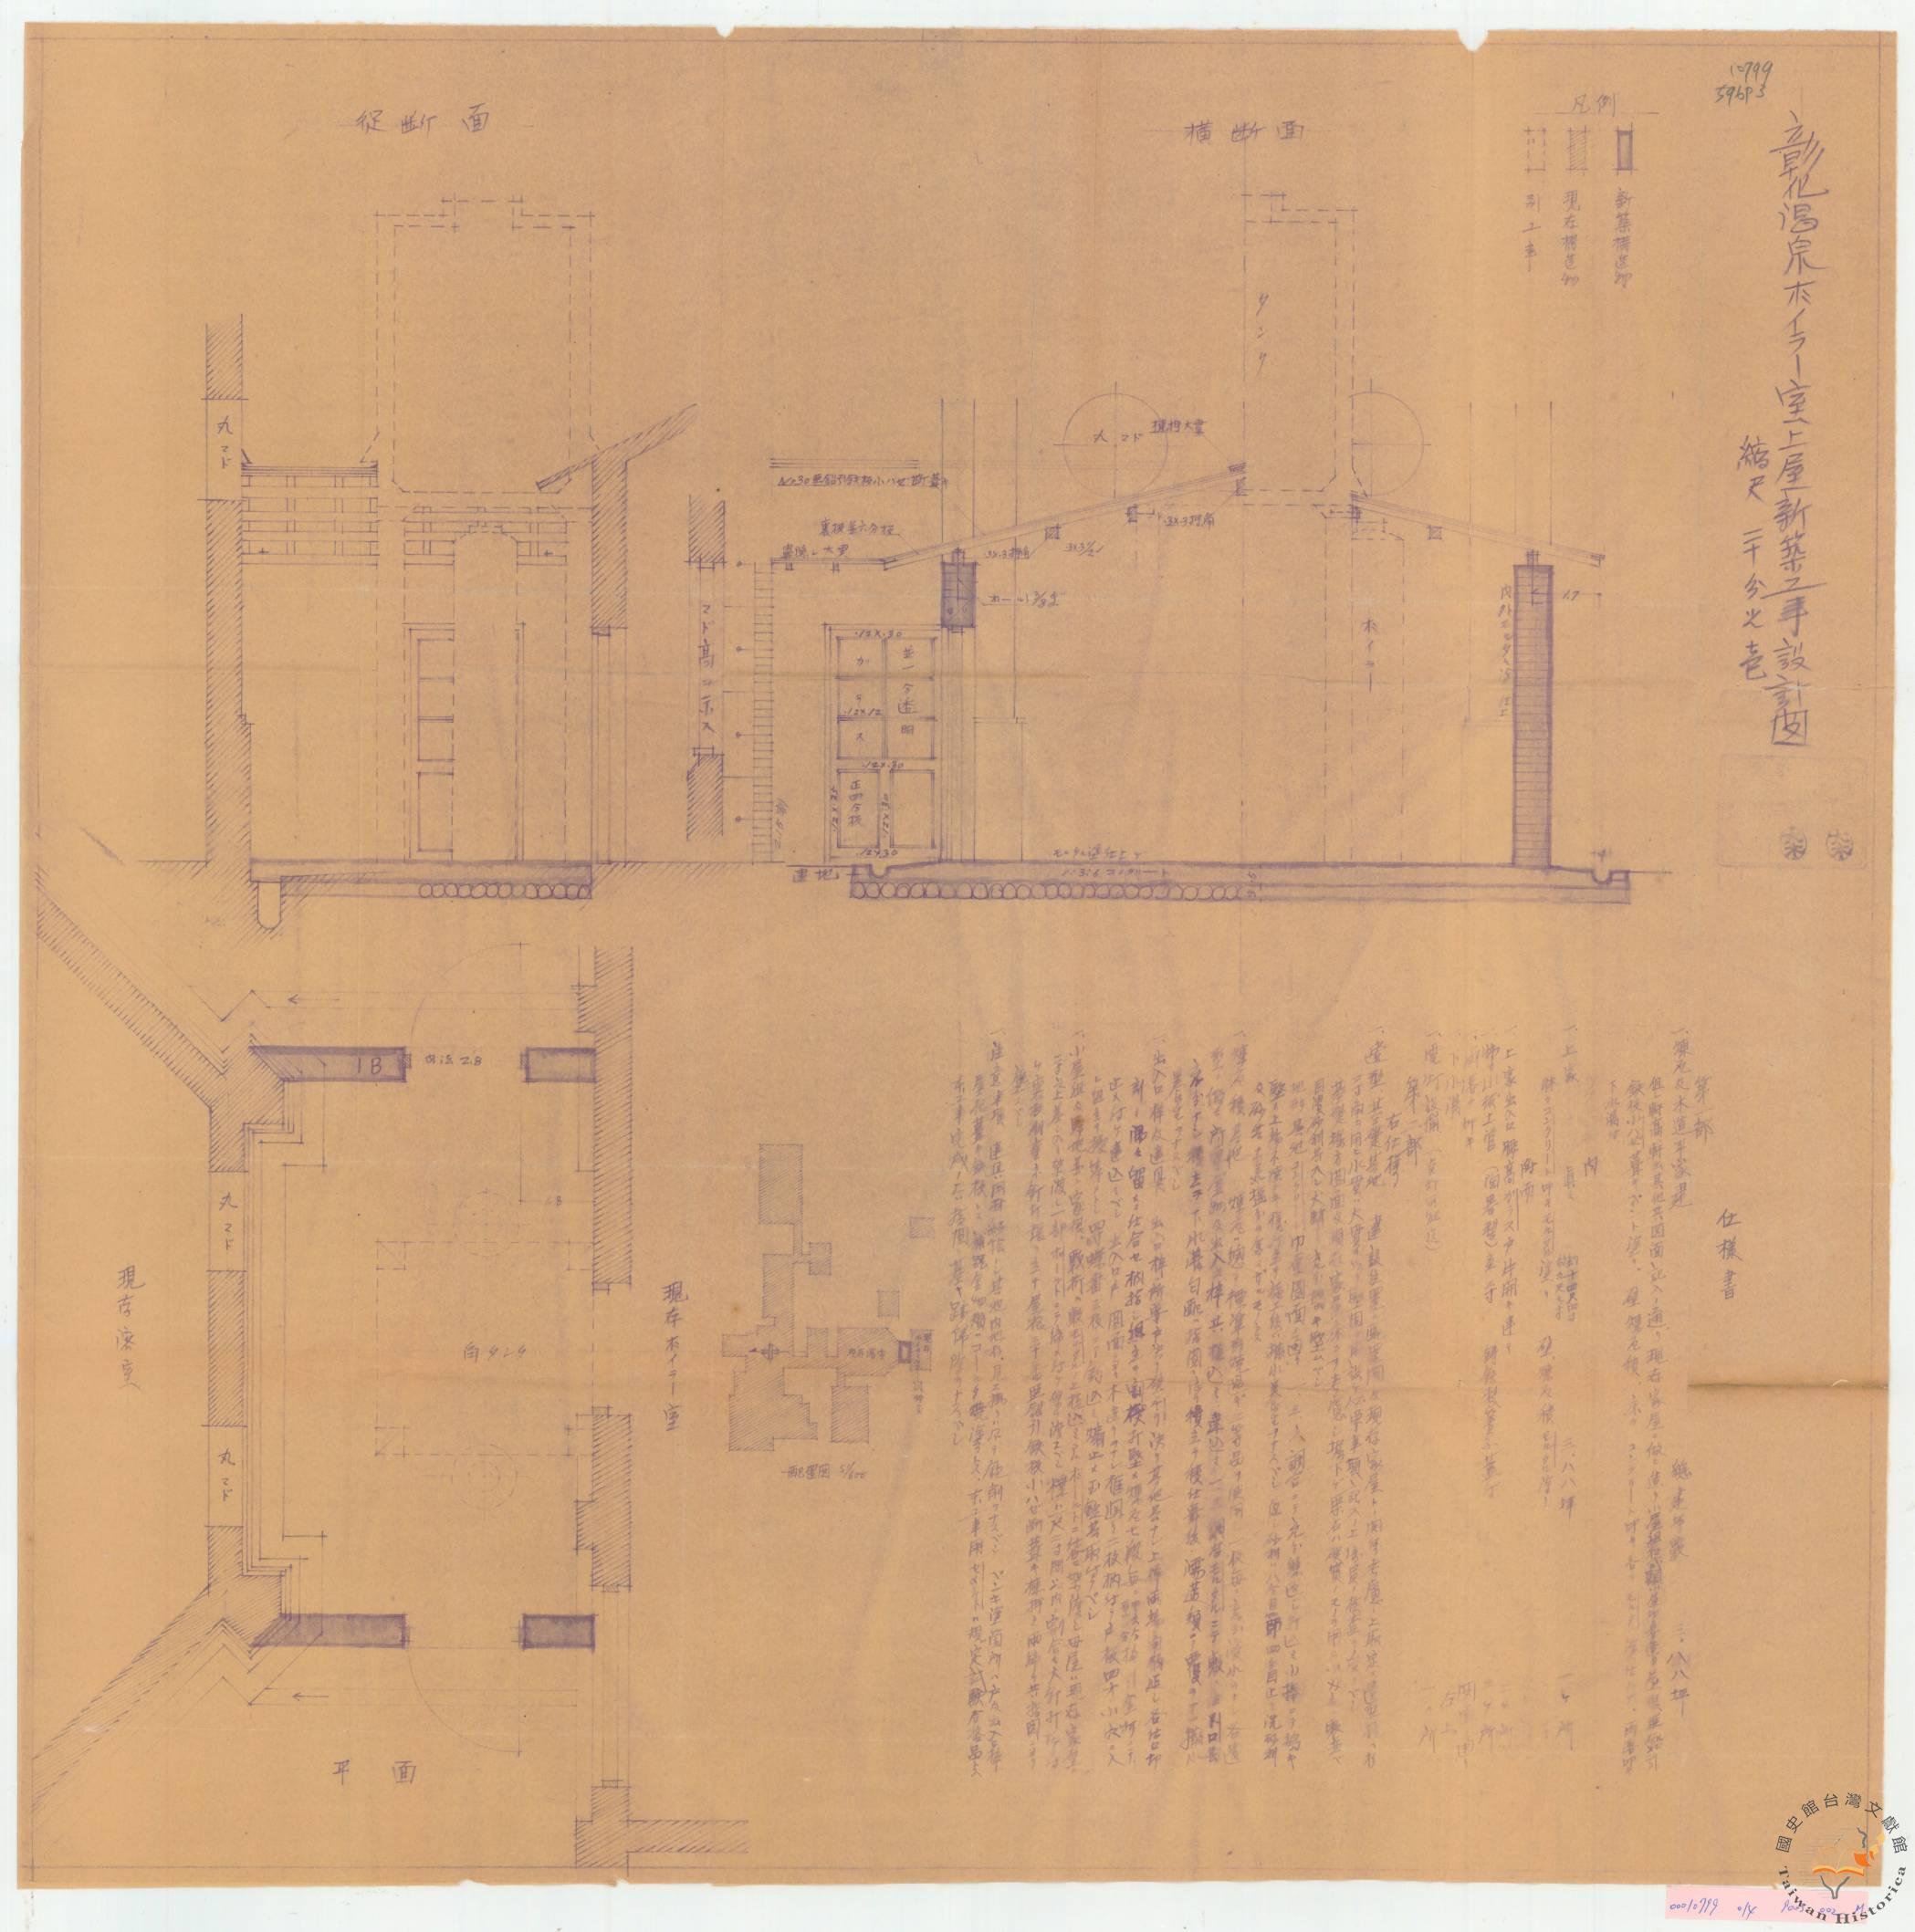 圖八:彰化溫泉場ホイラー室上屋新築工事設計圖(資料來源:臺灣總督府檔案000107990149003002M)